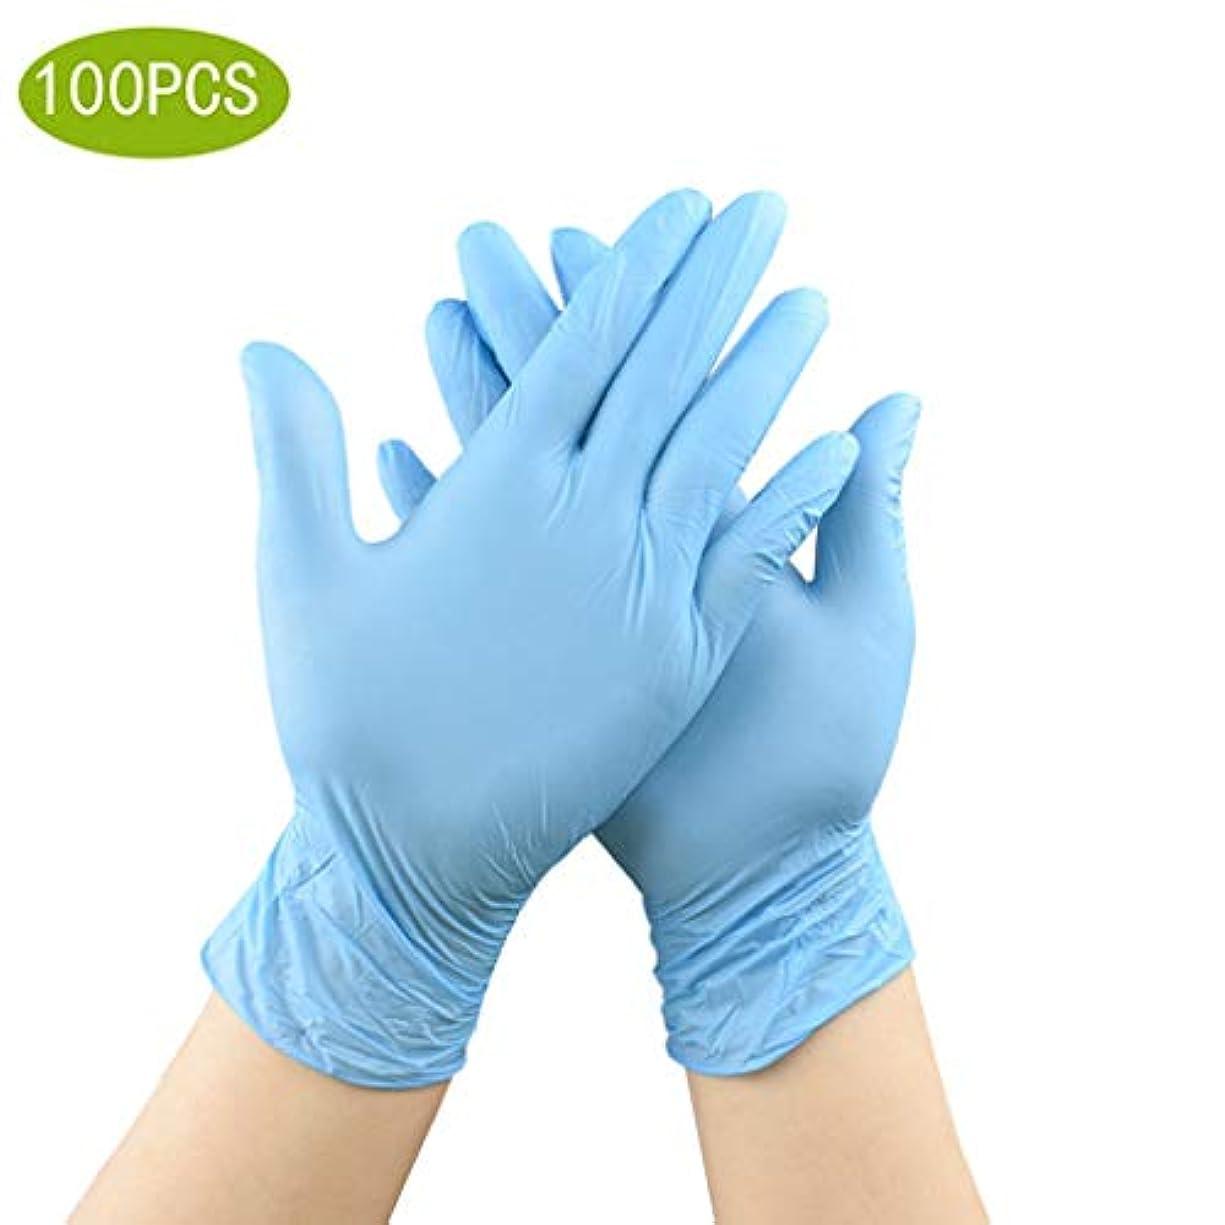 履歴書内部とても保護用使い捨てニトリル医療用手袋、3mil、ラテックスフリー、試験グレードの手袋、質感のある、両性、無菌、100個入り (Size : M)